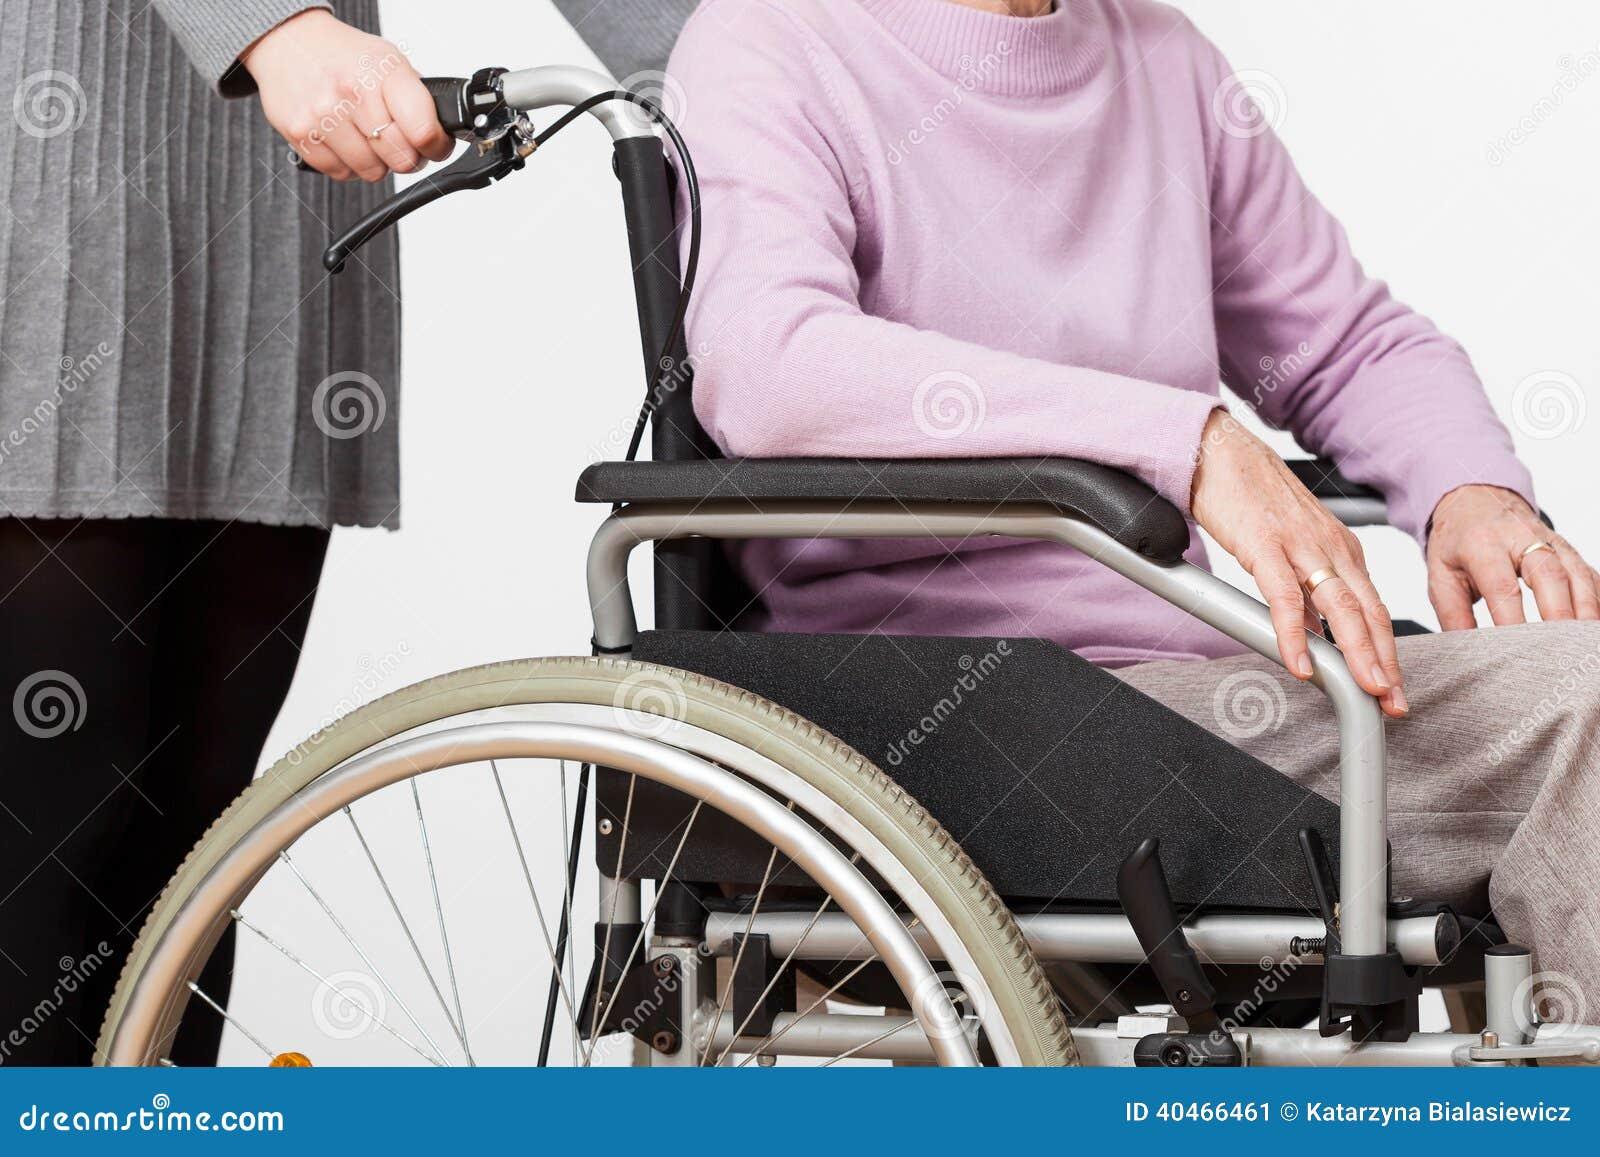 Κυρία στην αναπηρική καρέκλα και ο φύλακάς της